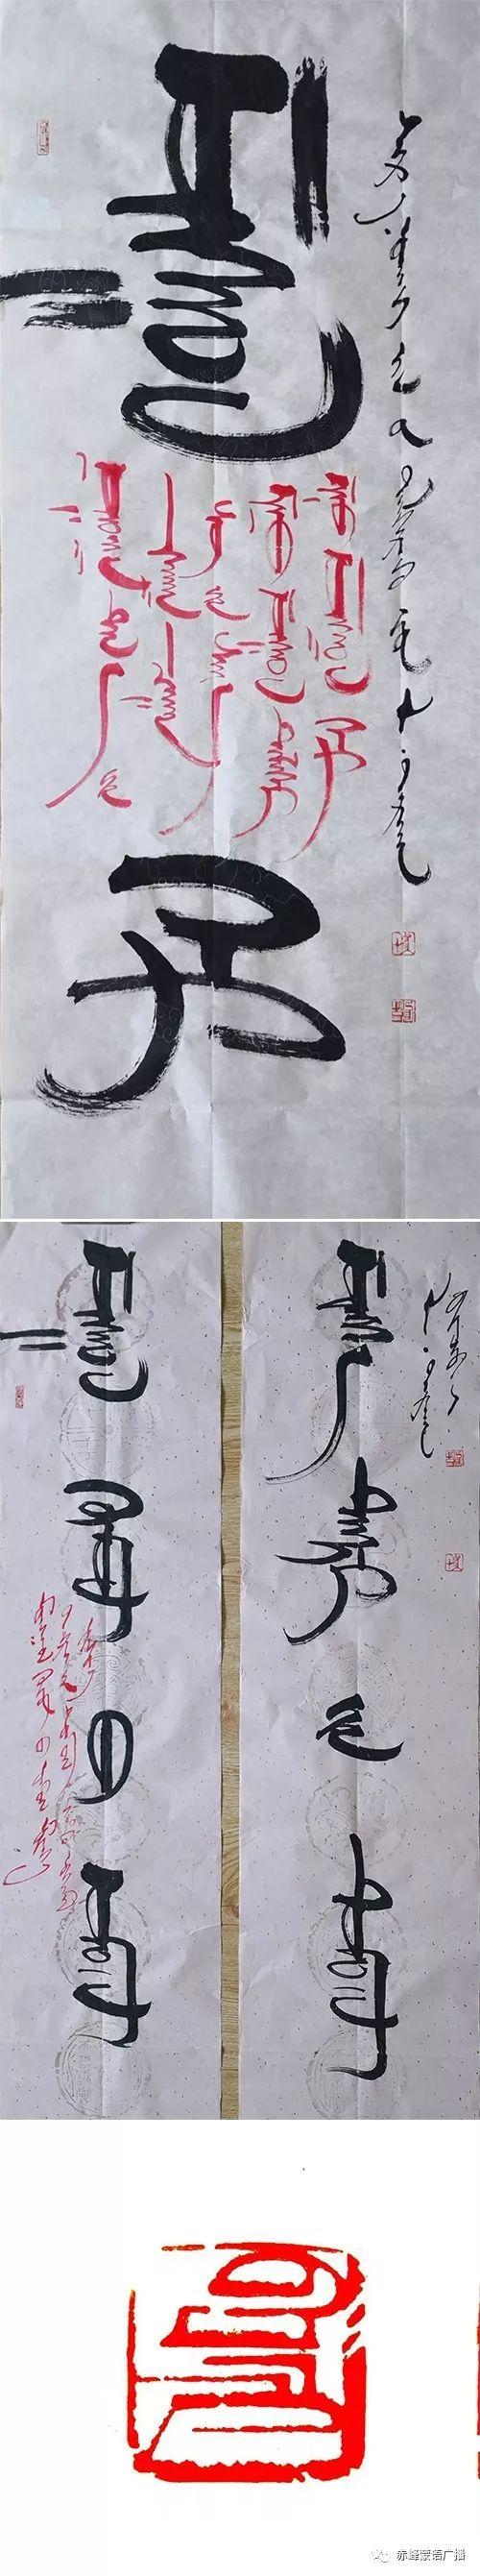 【音频】《赤峰蒙古族书法家》系列采访 (28) 第5张